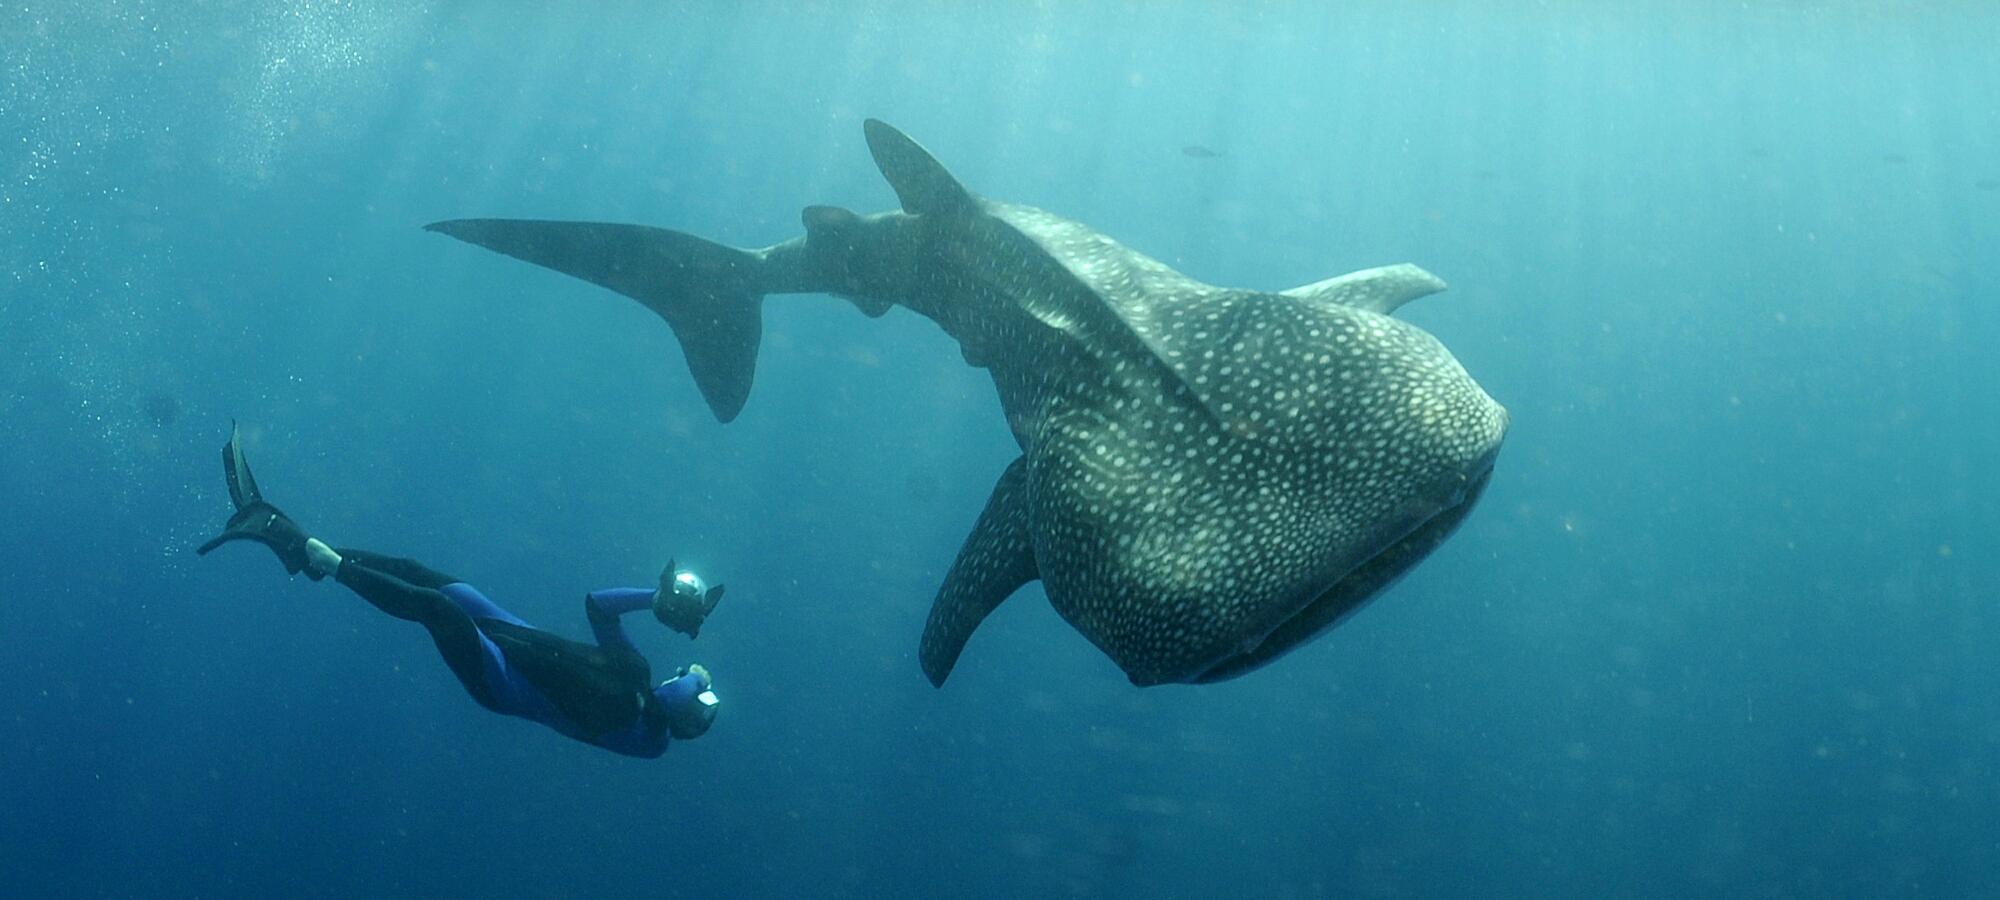 © Husain Al Qallaf – Megaptera V2 - Pose d'une balise sur un requin-baleine grâce au crowdfunding